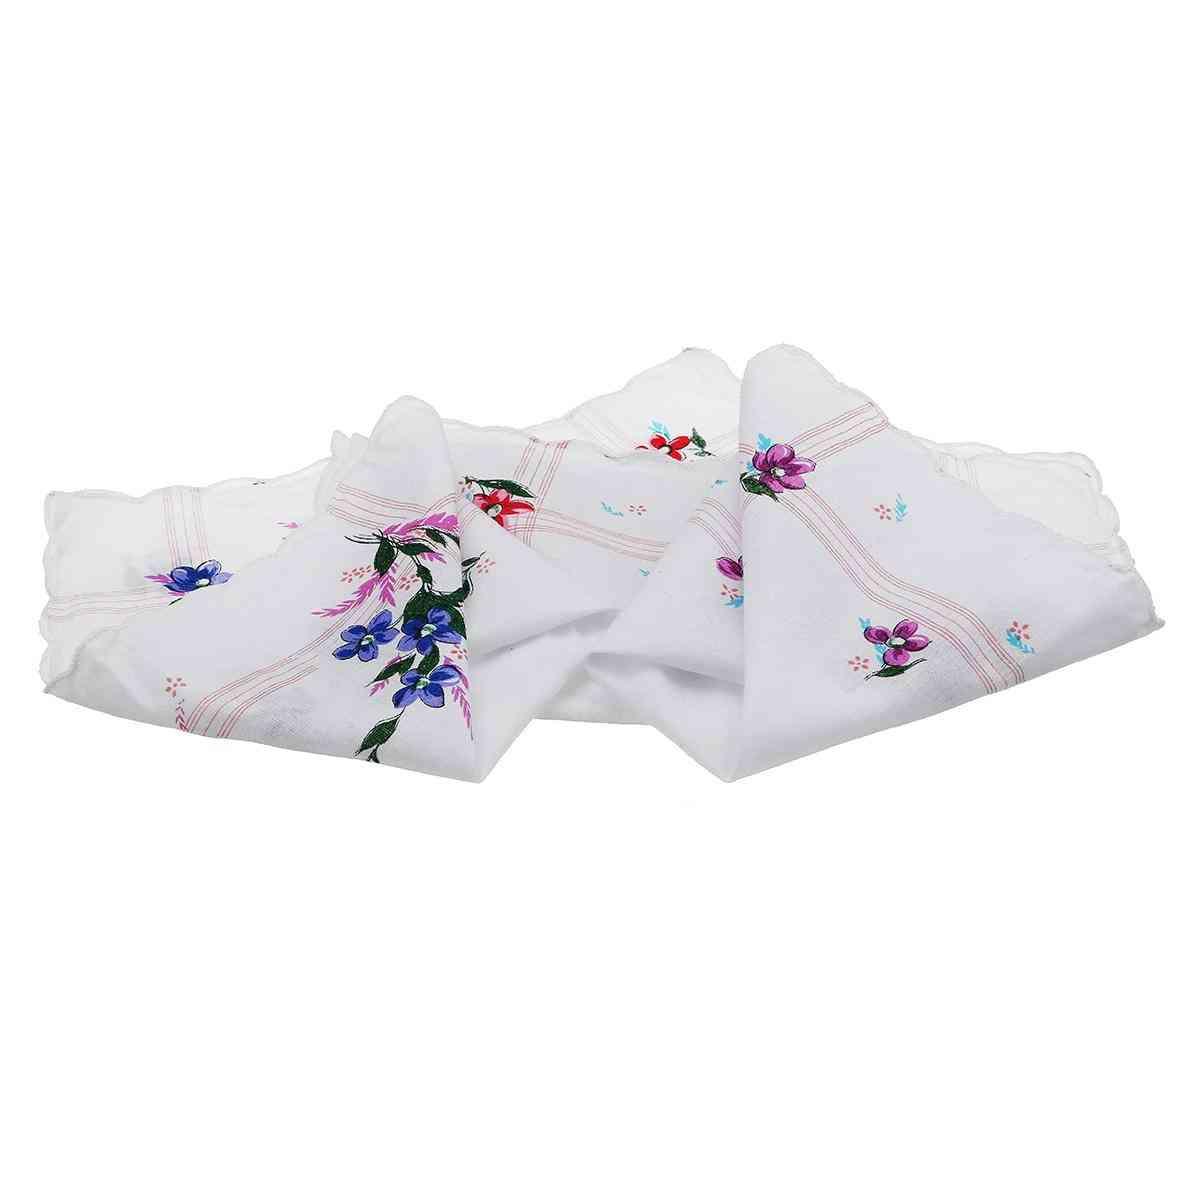 Vintage Design Cotton Square Floral Handkerchief - Women Portable Napkin